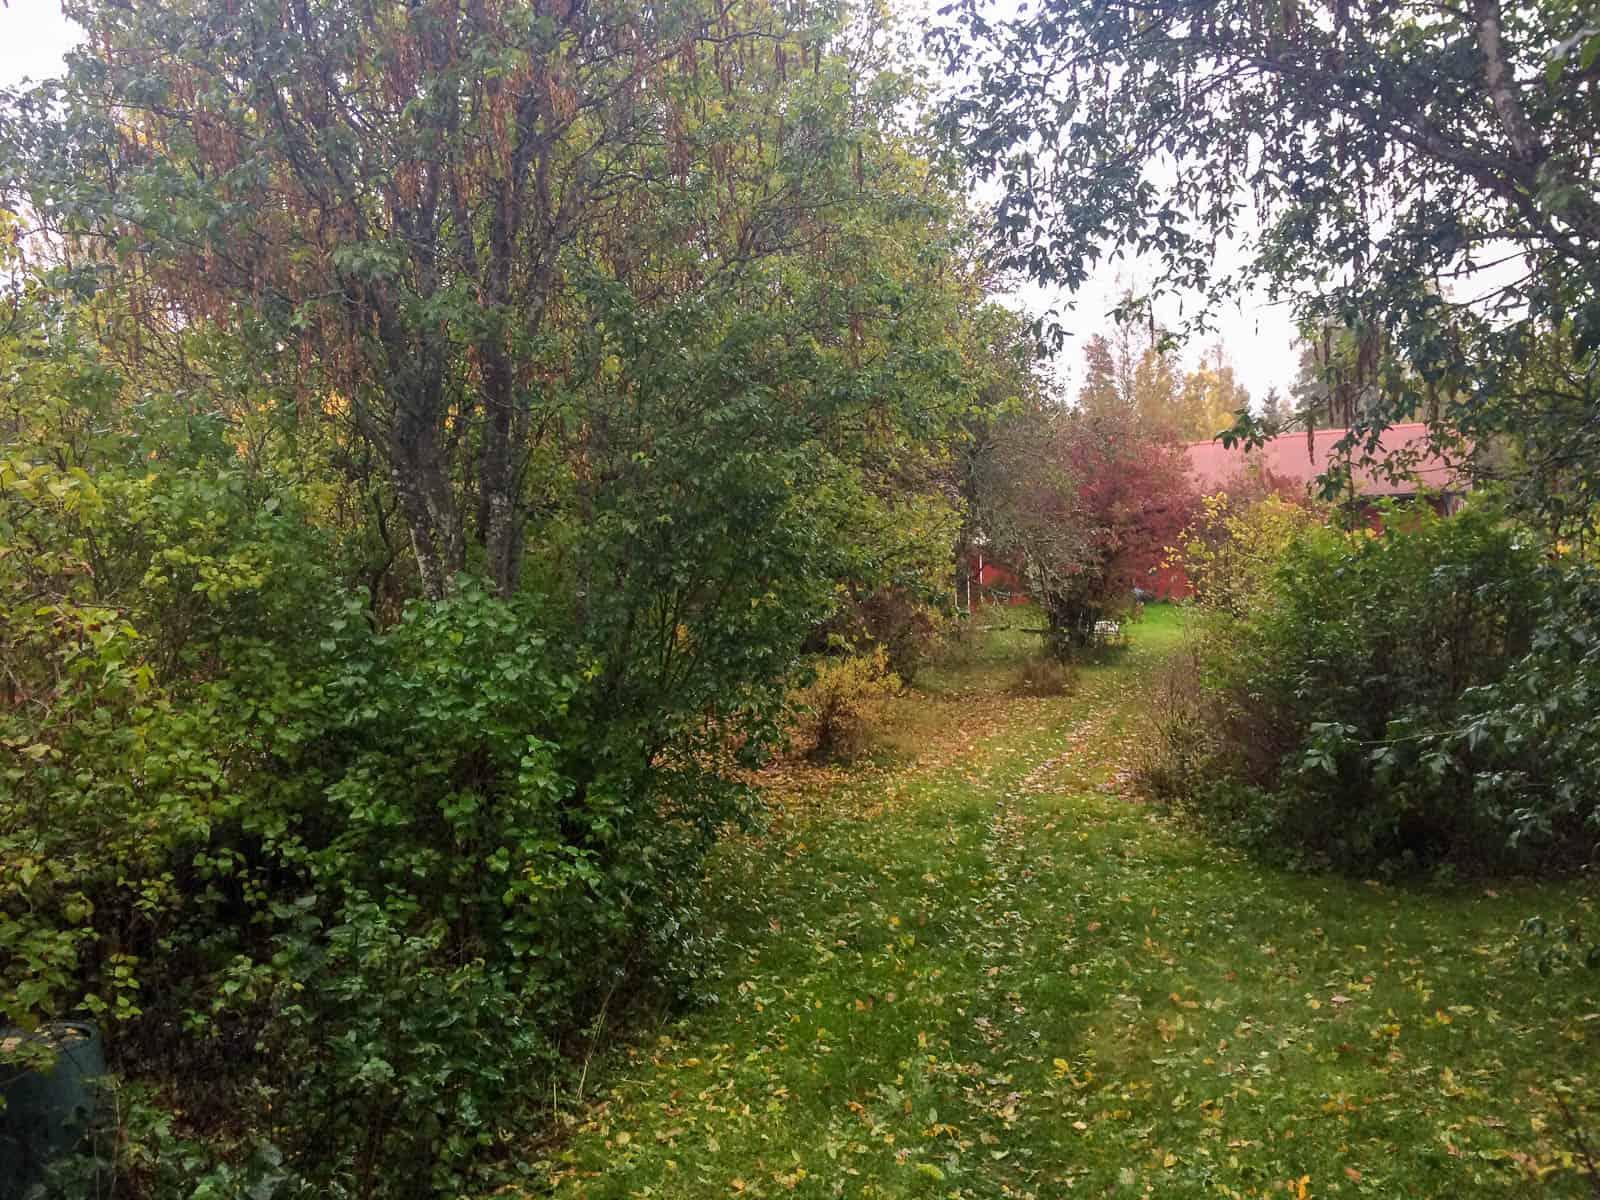 Snart ligger det en jämn matta av löv hela vägen ner till ladugården och det blir dags att plocka fram snöslungan.